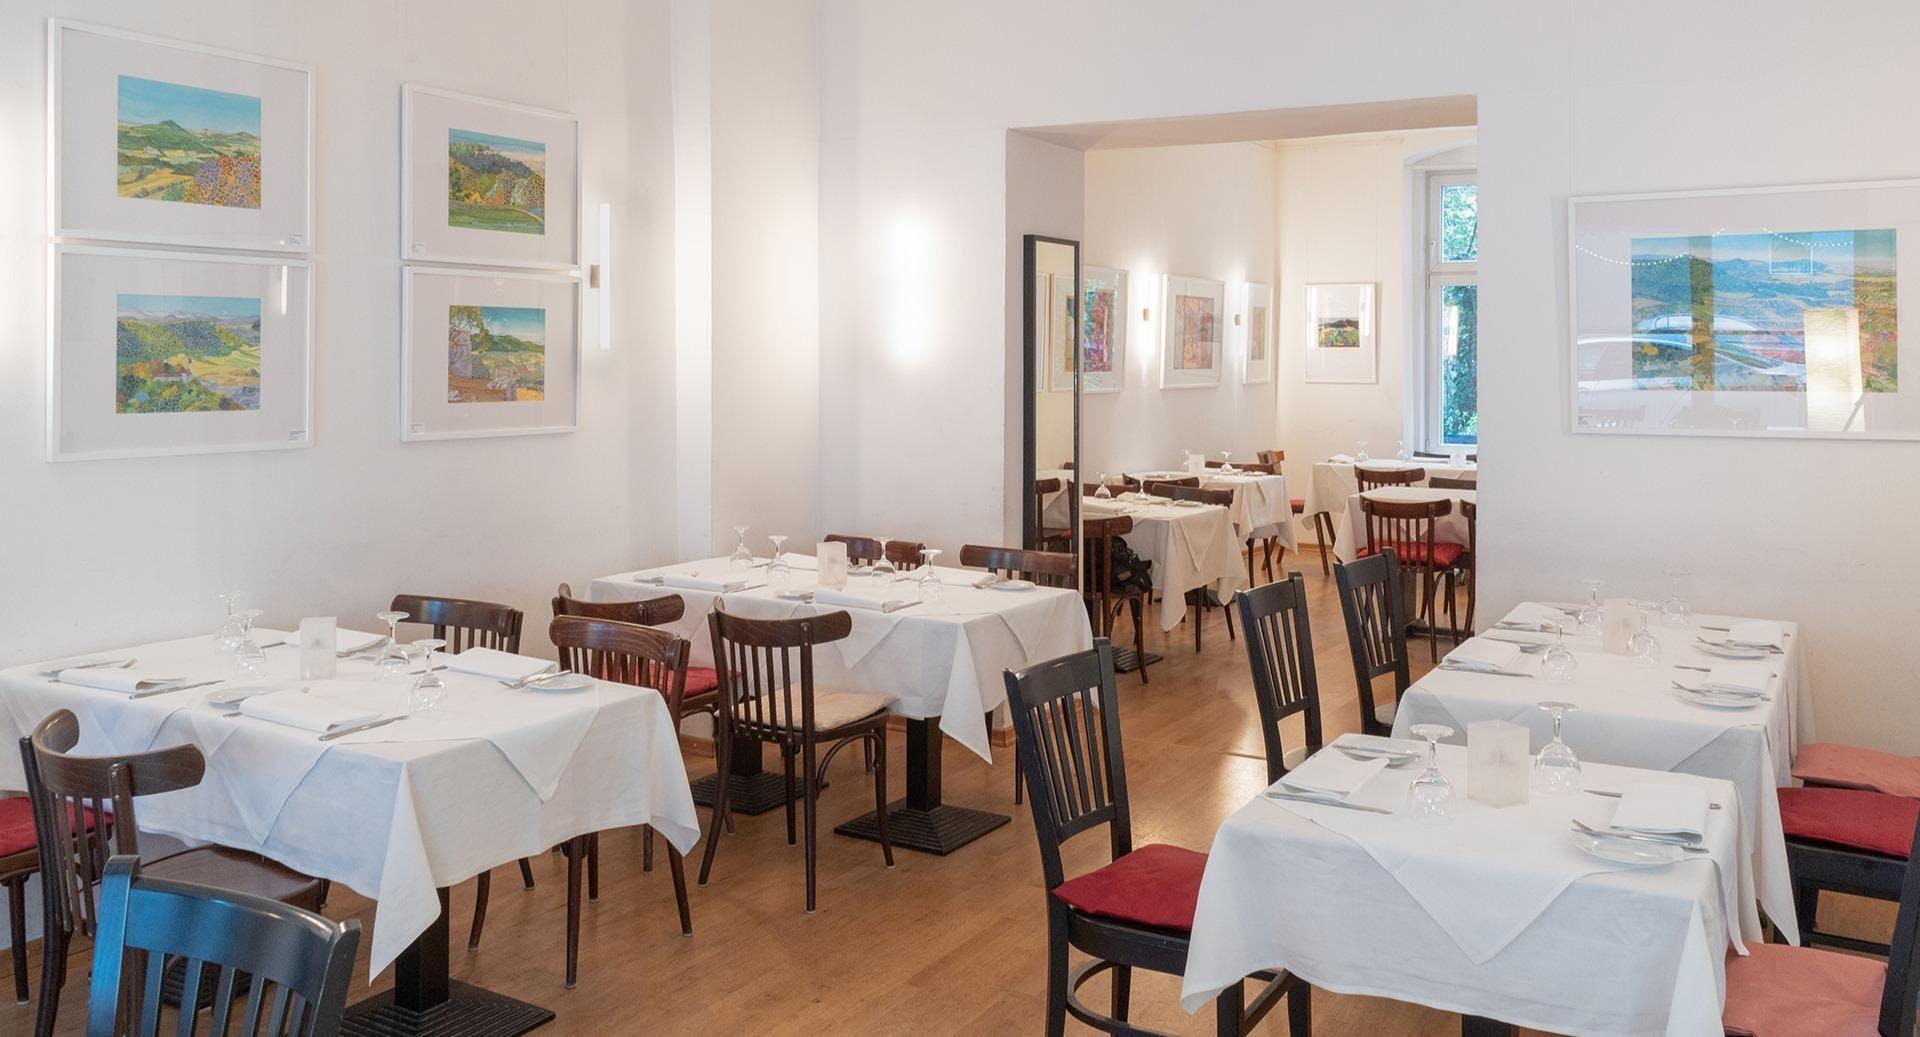 Restaurant Weiss Berlijn image 3